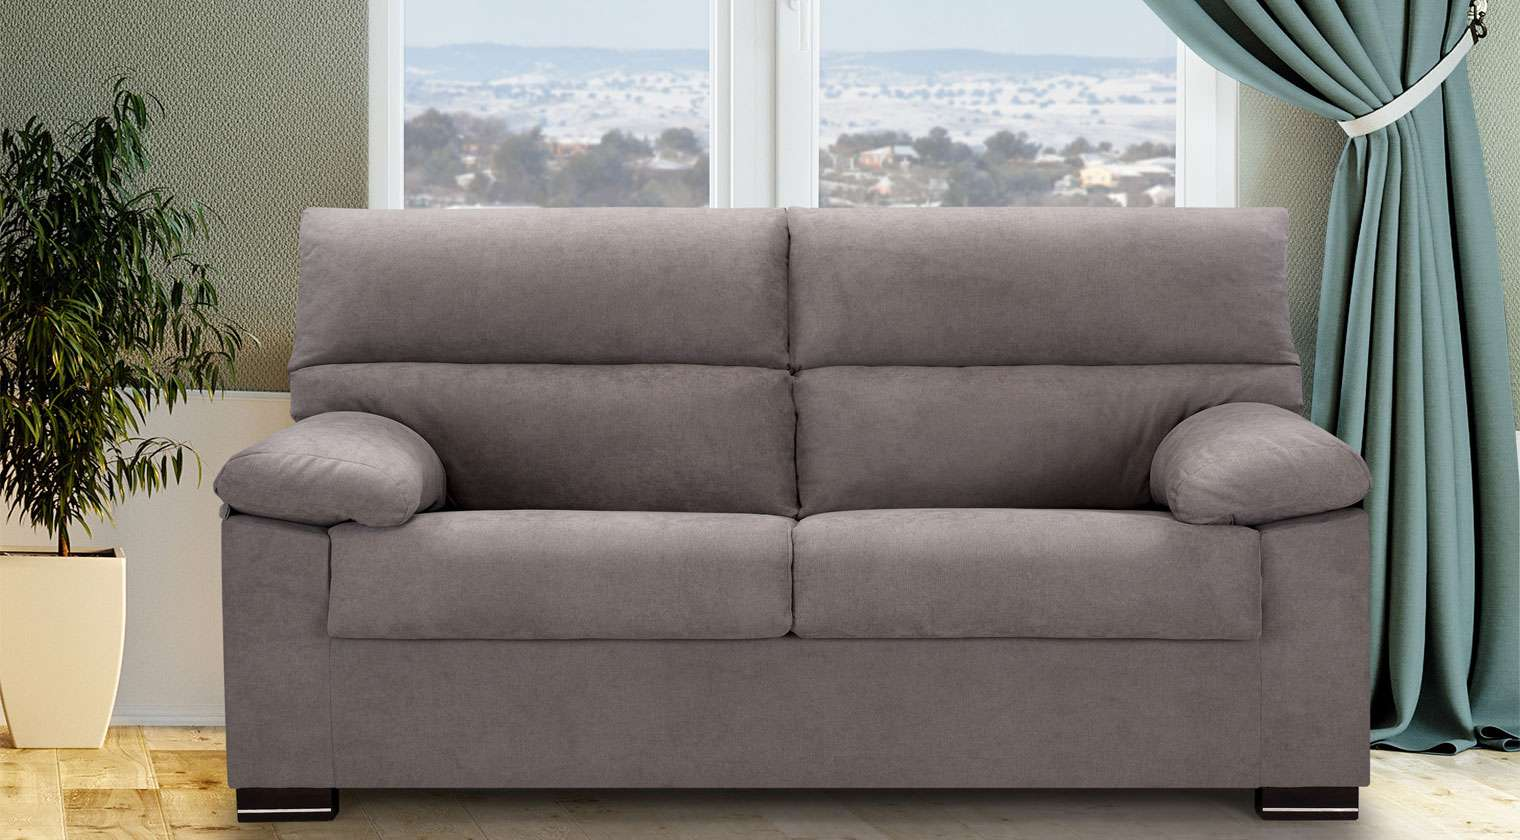 Sof tela herm s sofas de tela - Telas para sofa ...